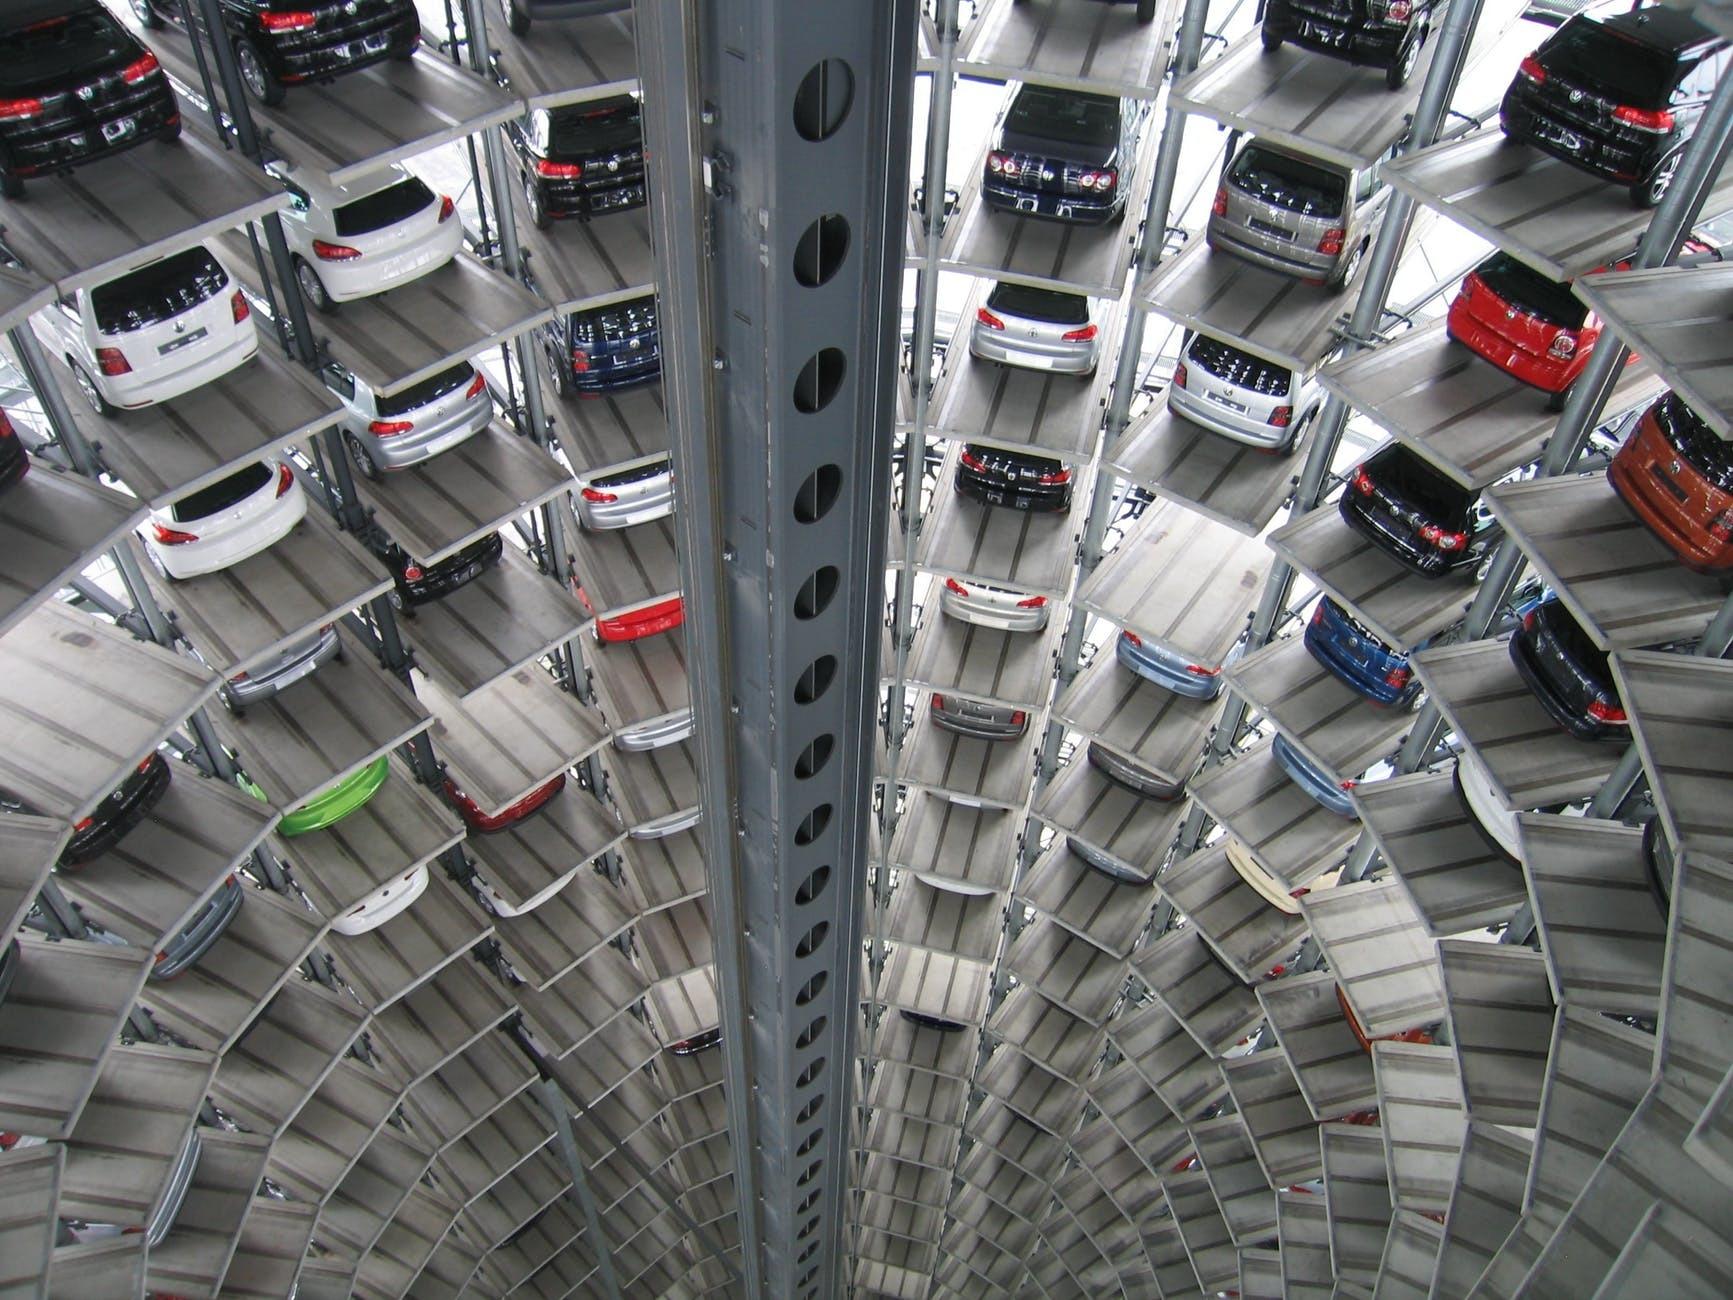 autos-technology-vw-multi-storey-car-park-63294.jpeg